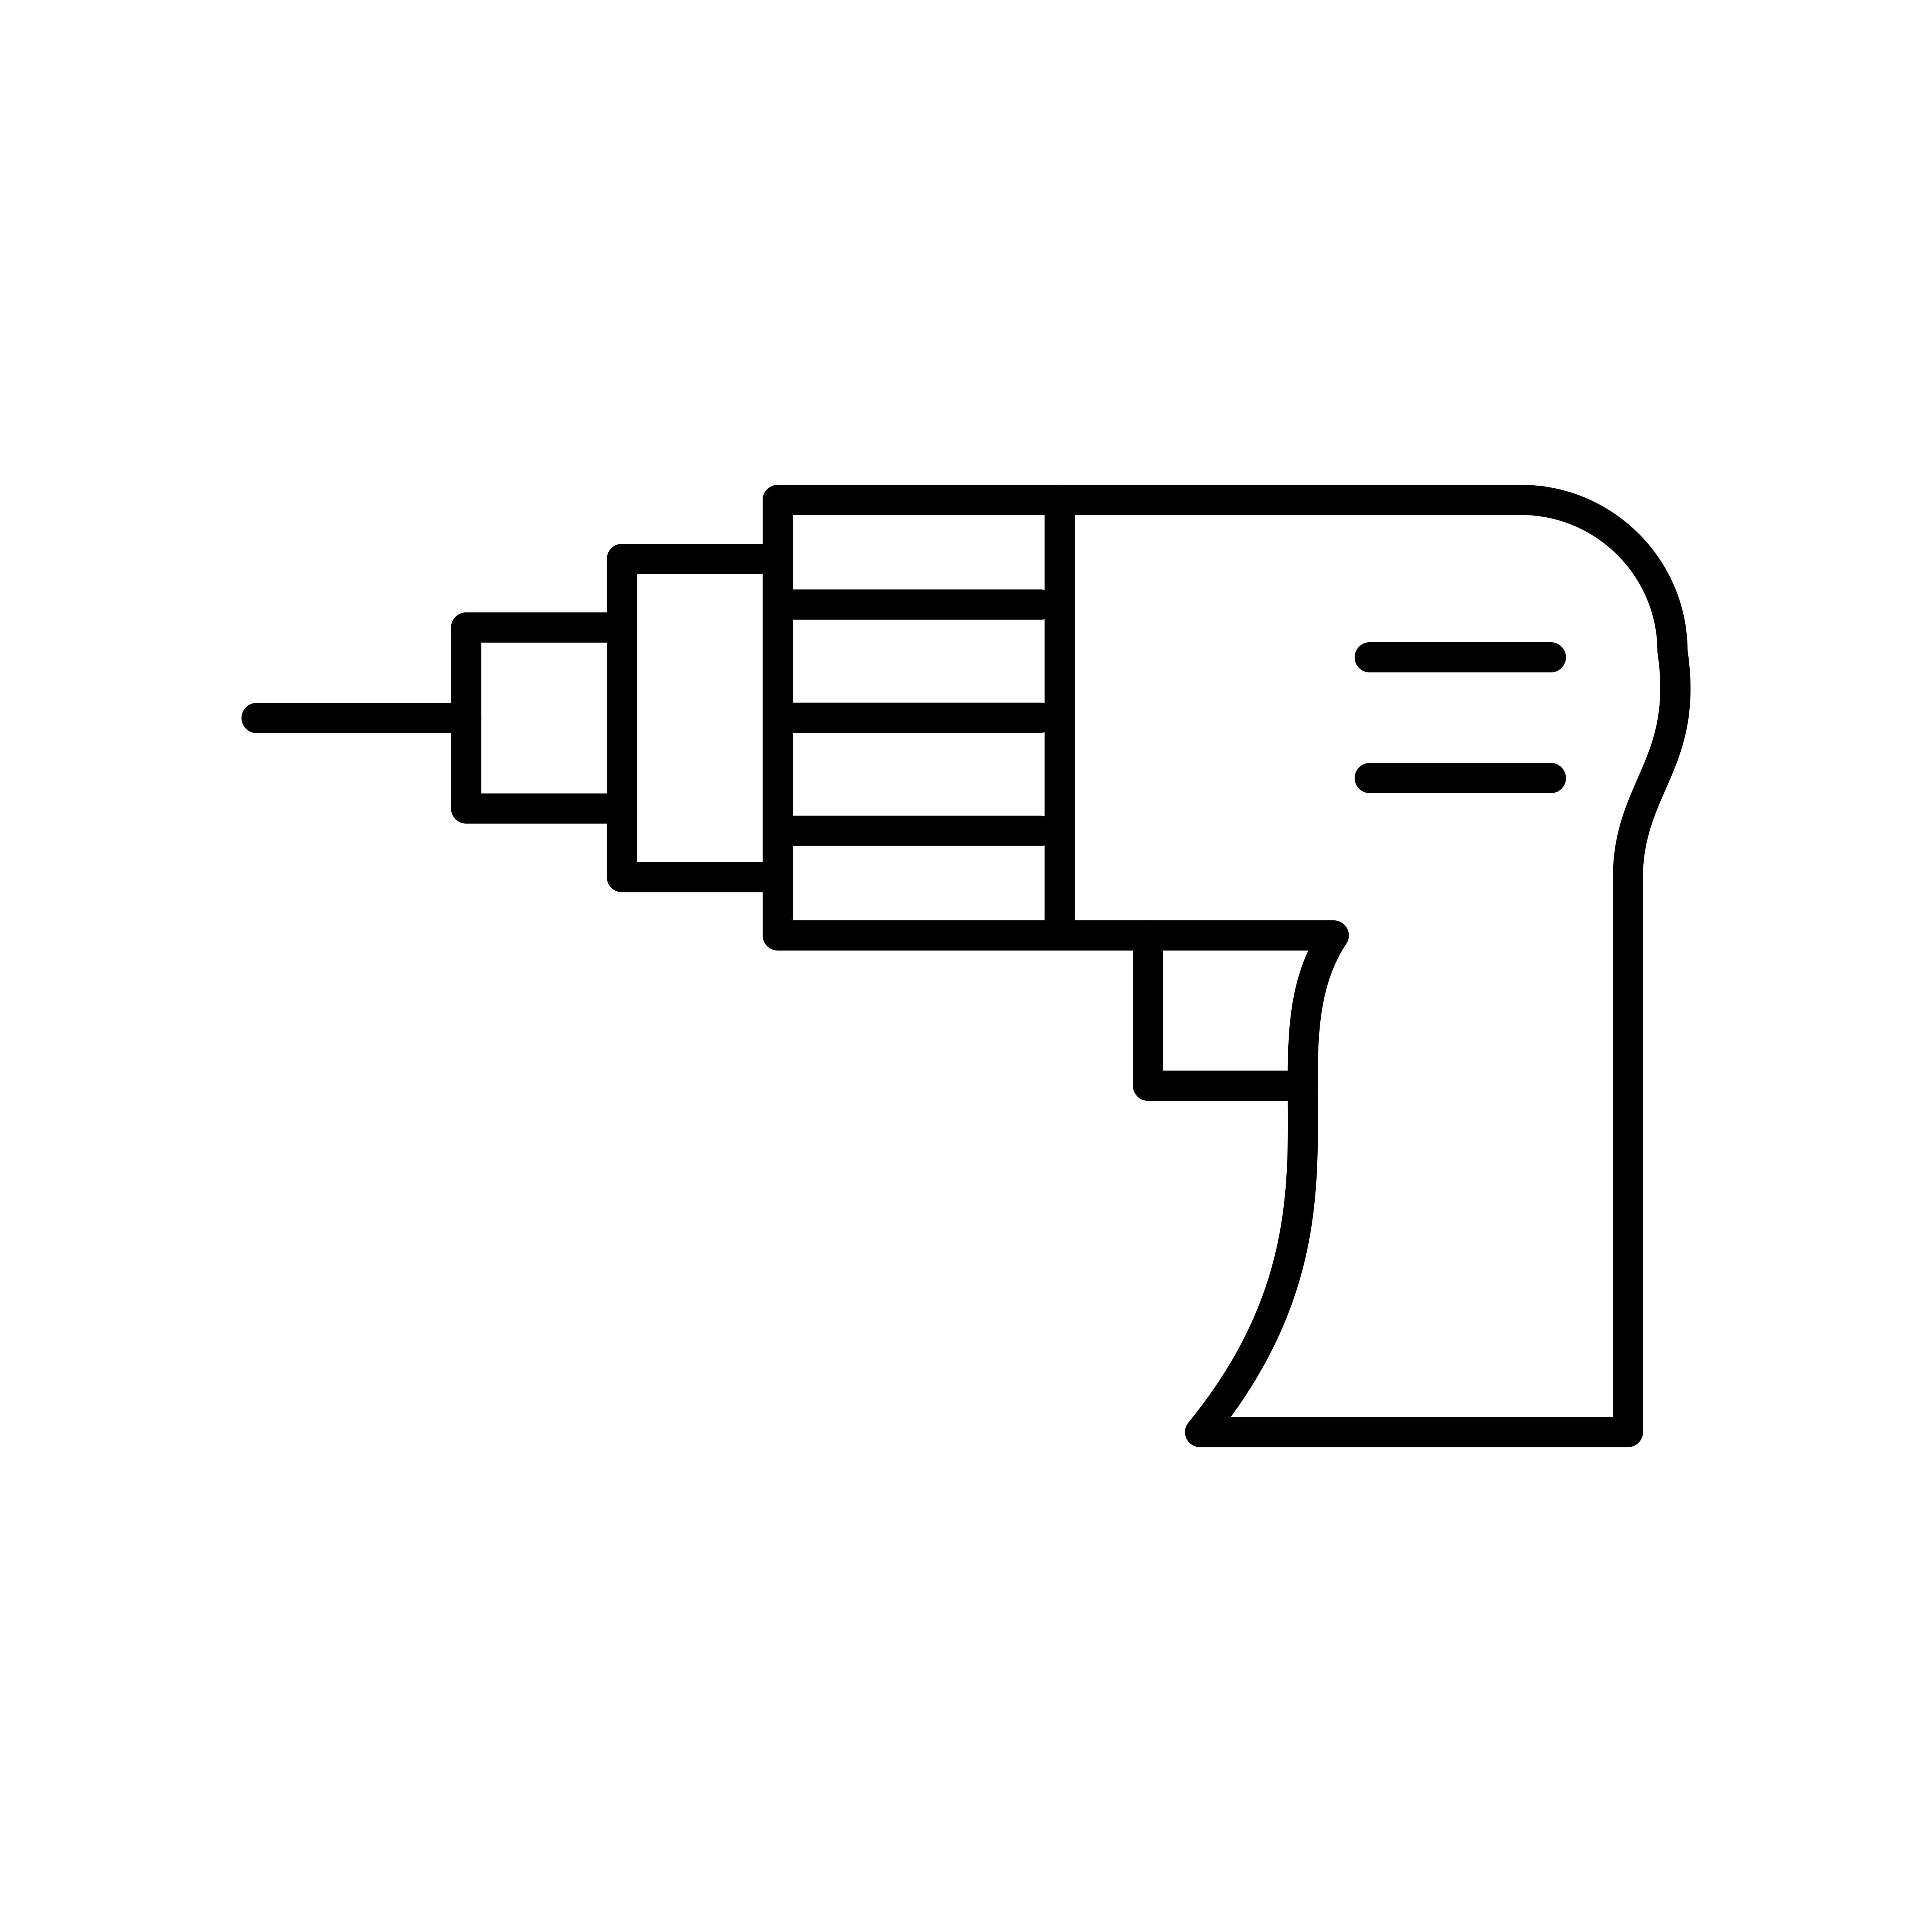 Drill Machine Line Black Icon